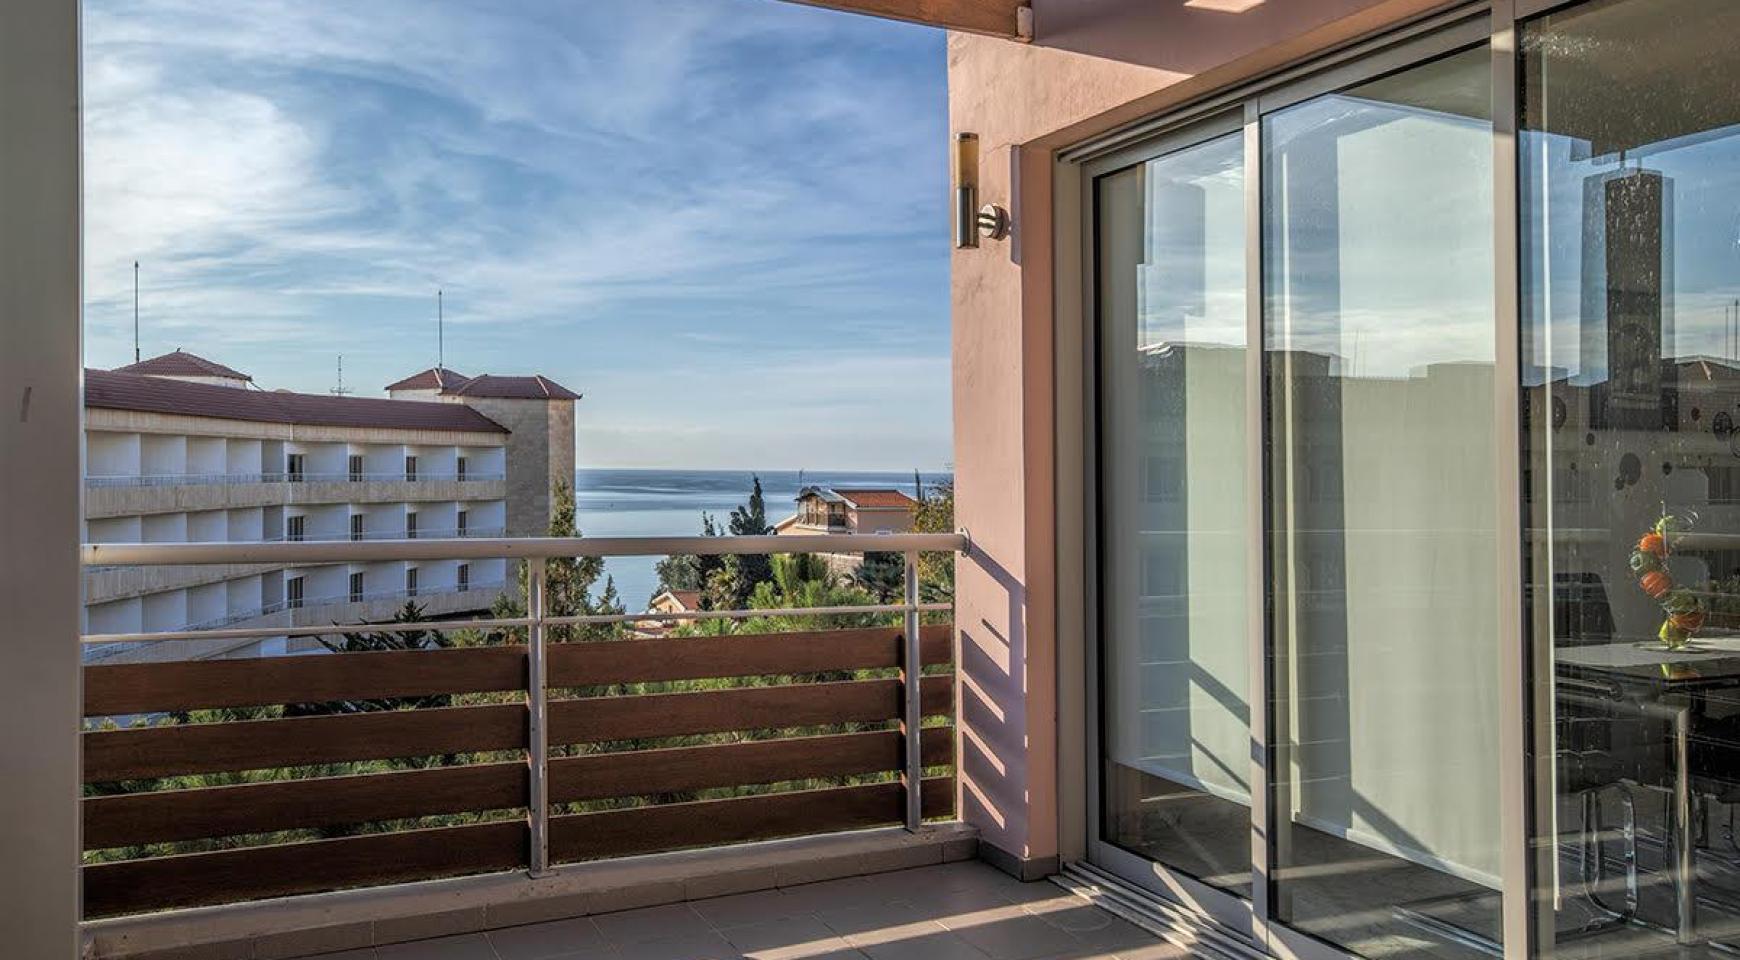 2 Bedroom Duplex Apartment in a Prestigious Complex near the Sea - 7